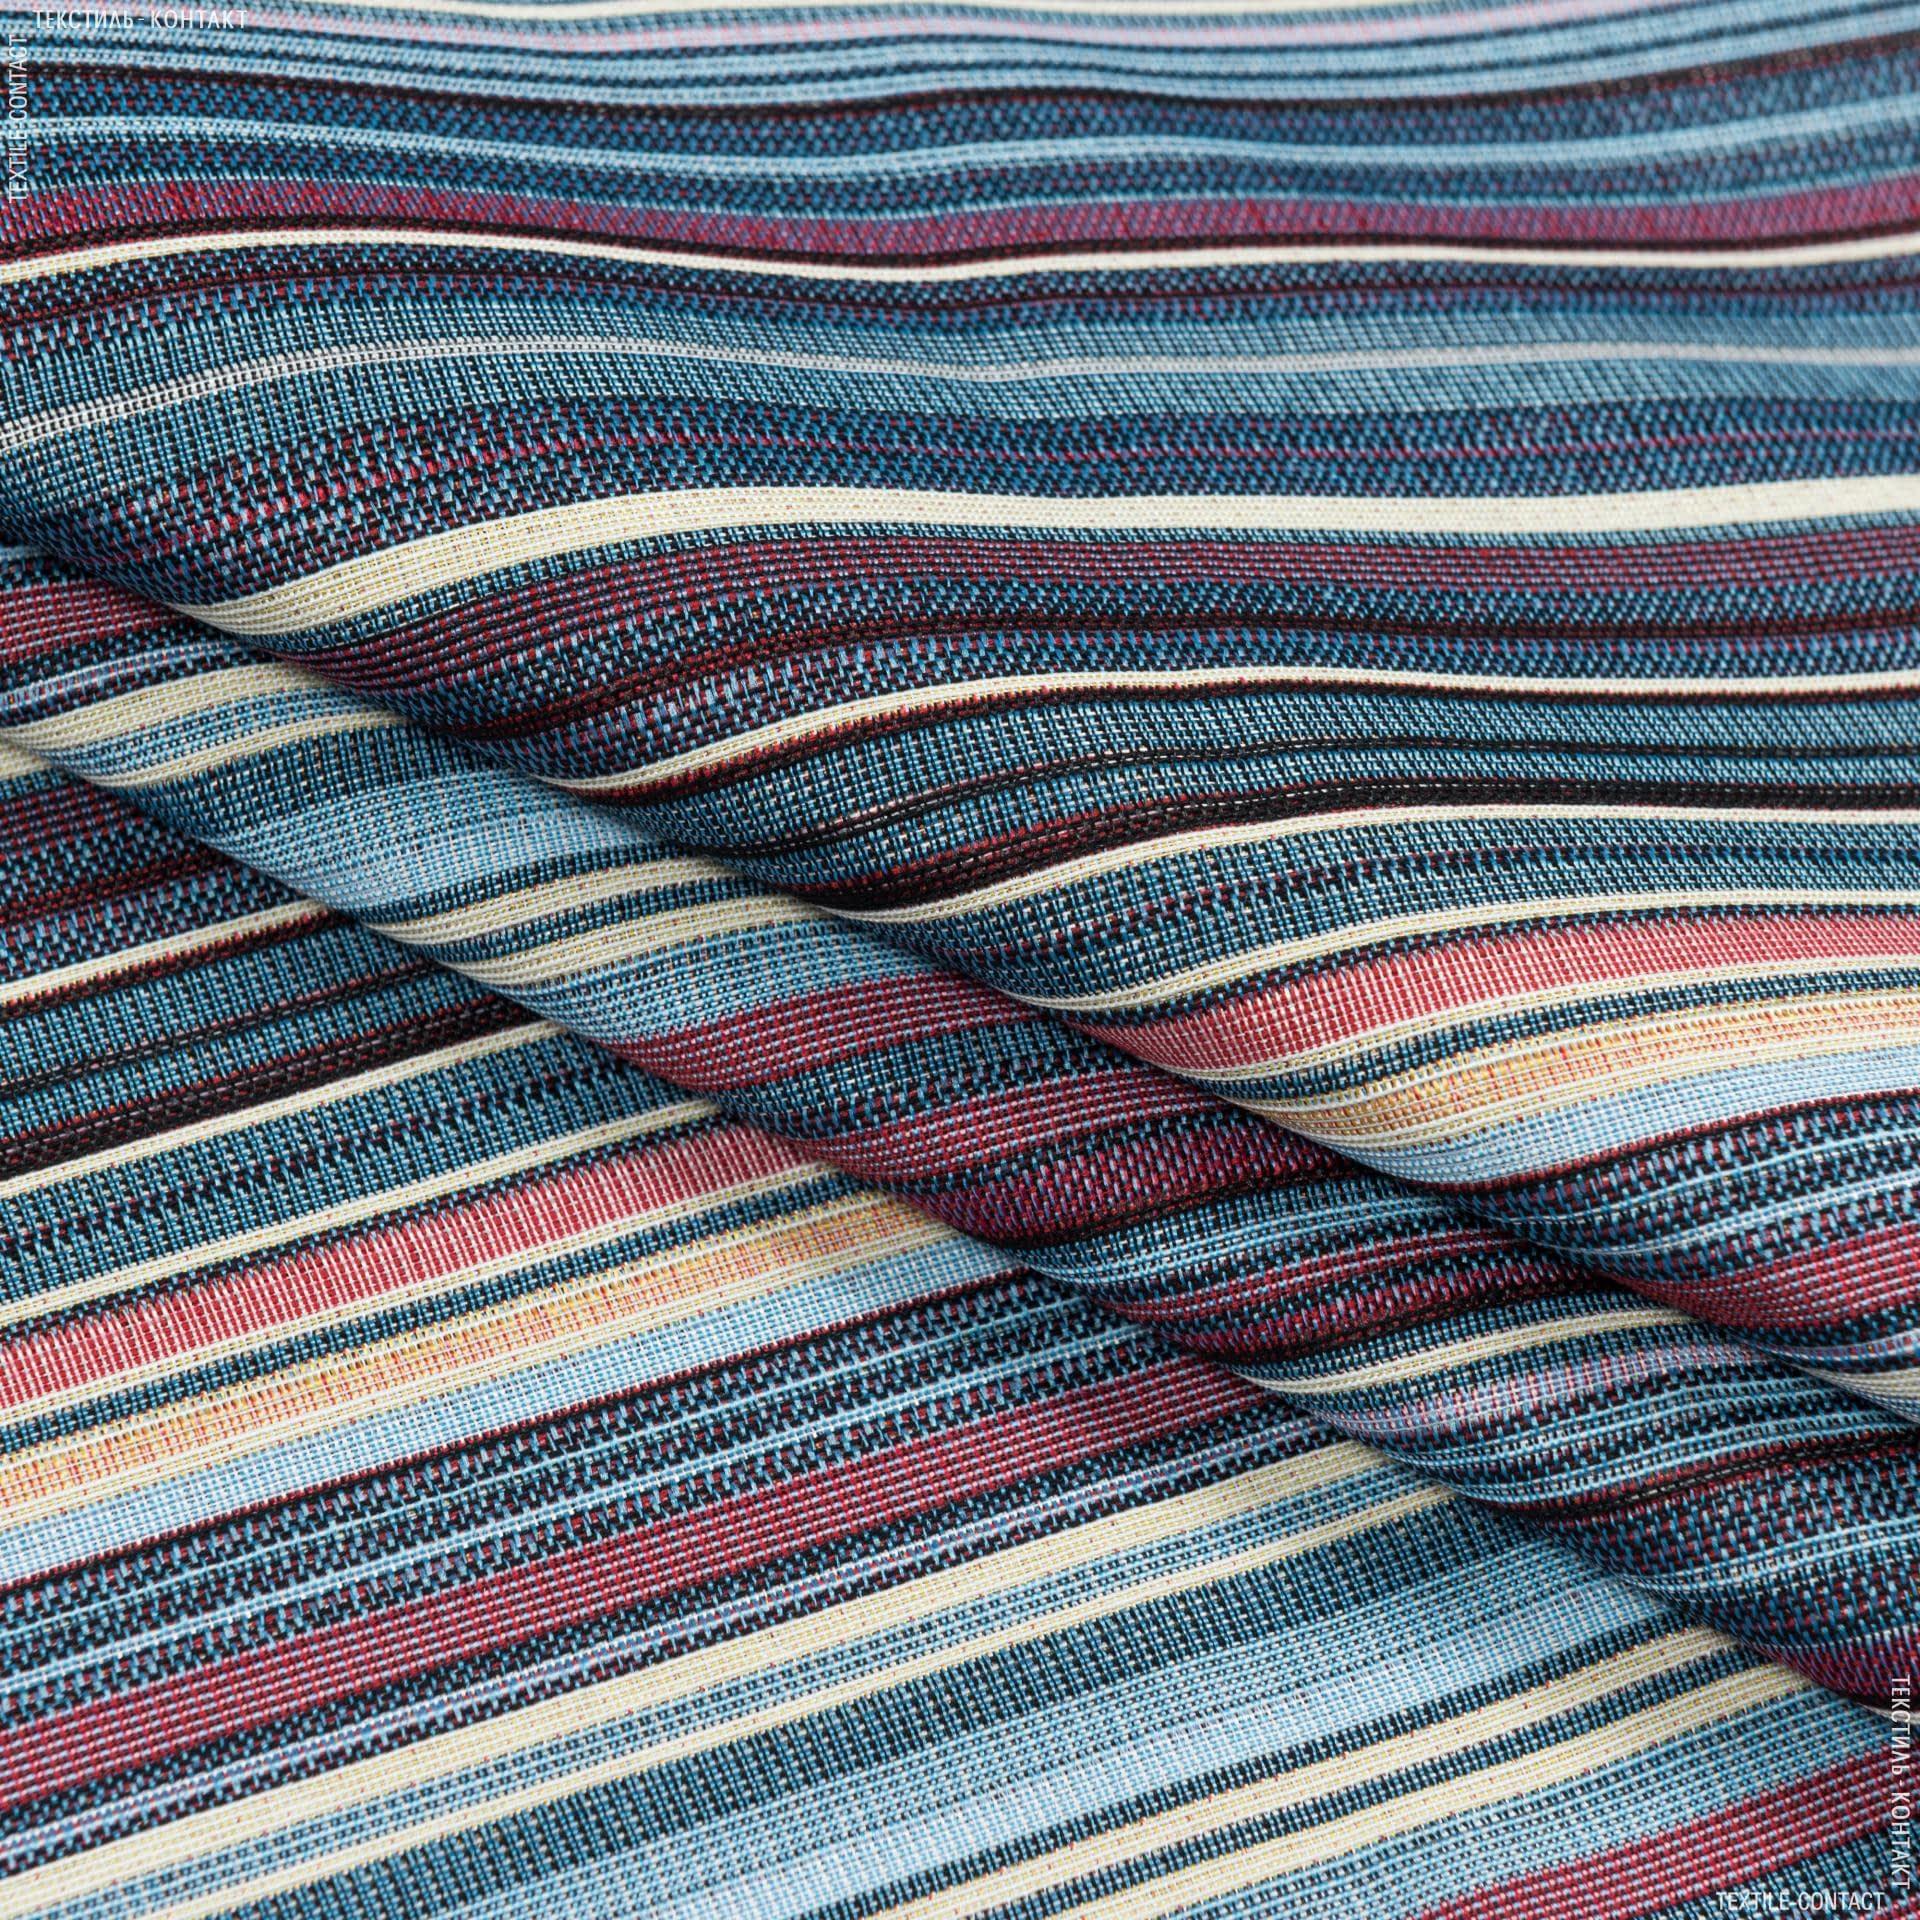 Тканини для декоративних подушок - Декор-гобелен смуга расол/rasol синій червоний беж